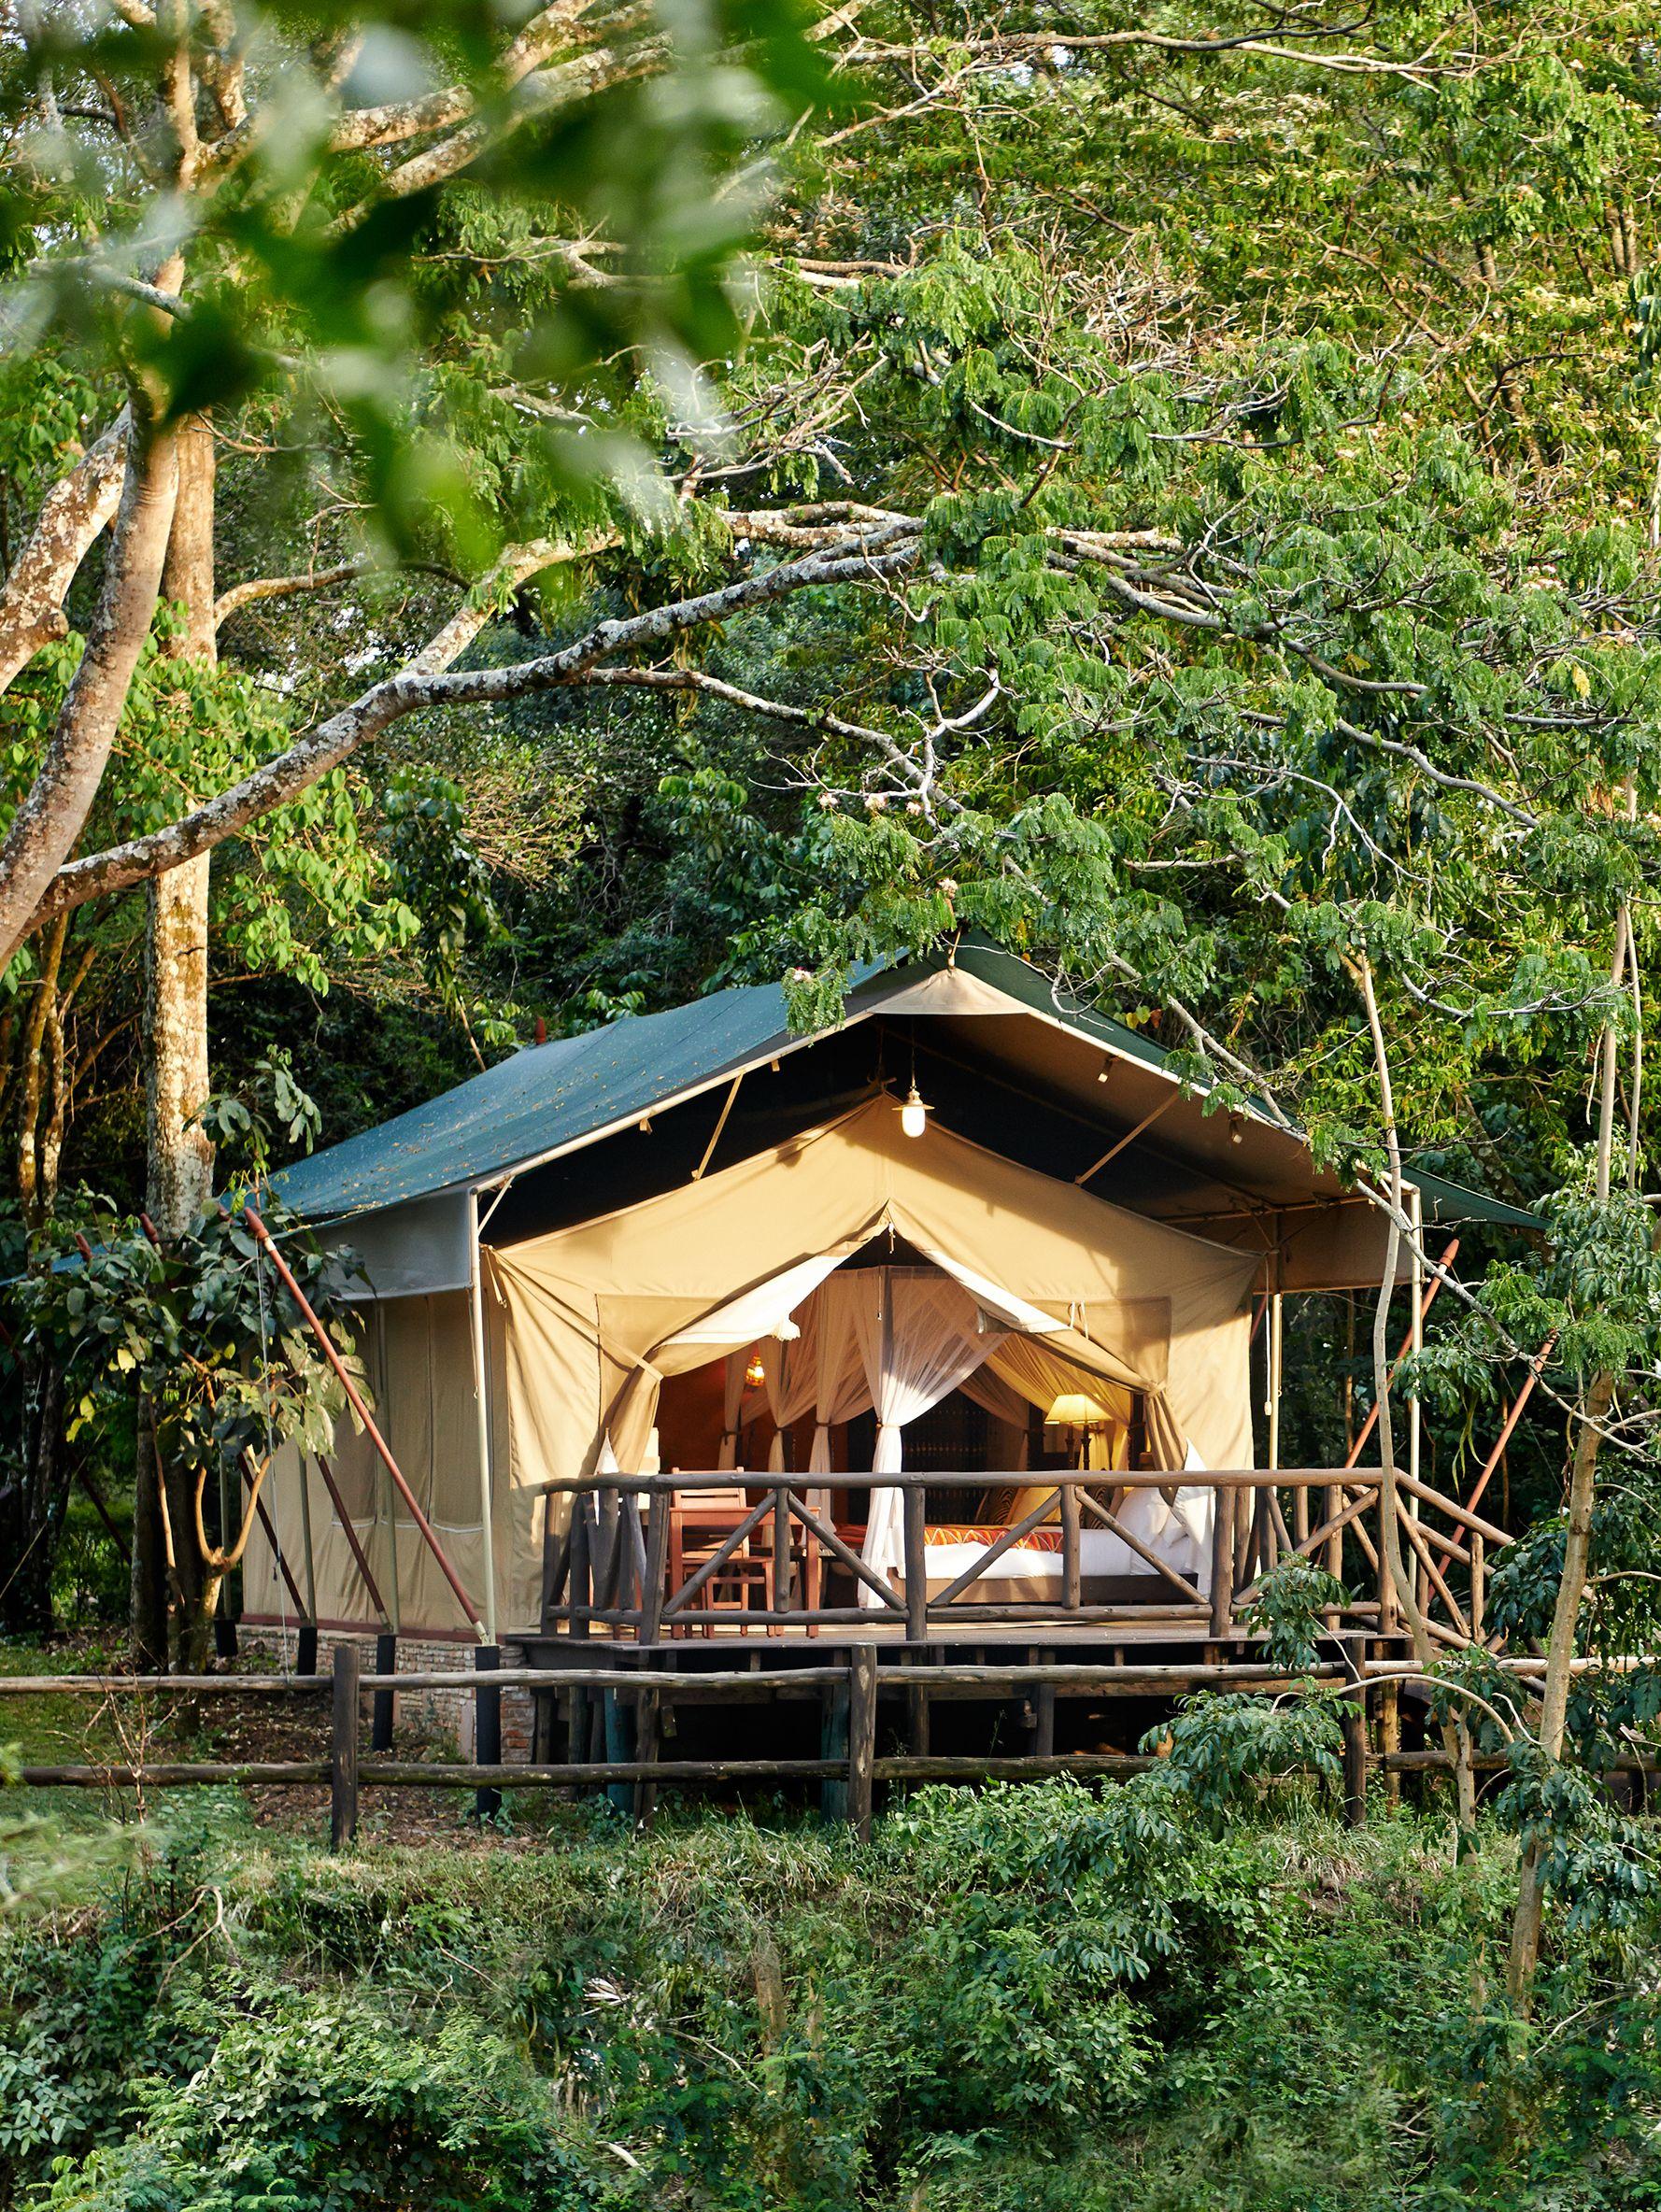 Yurt In Kenya Safari Travel Guide With Images Kenya Safari